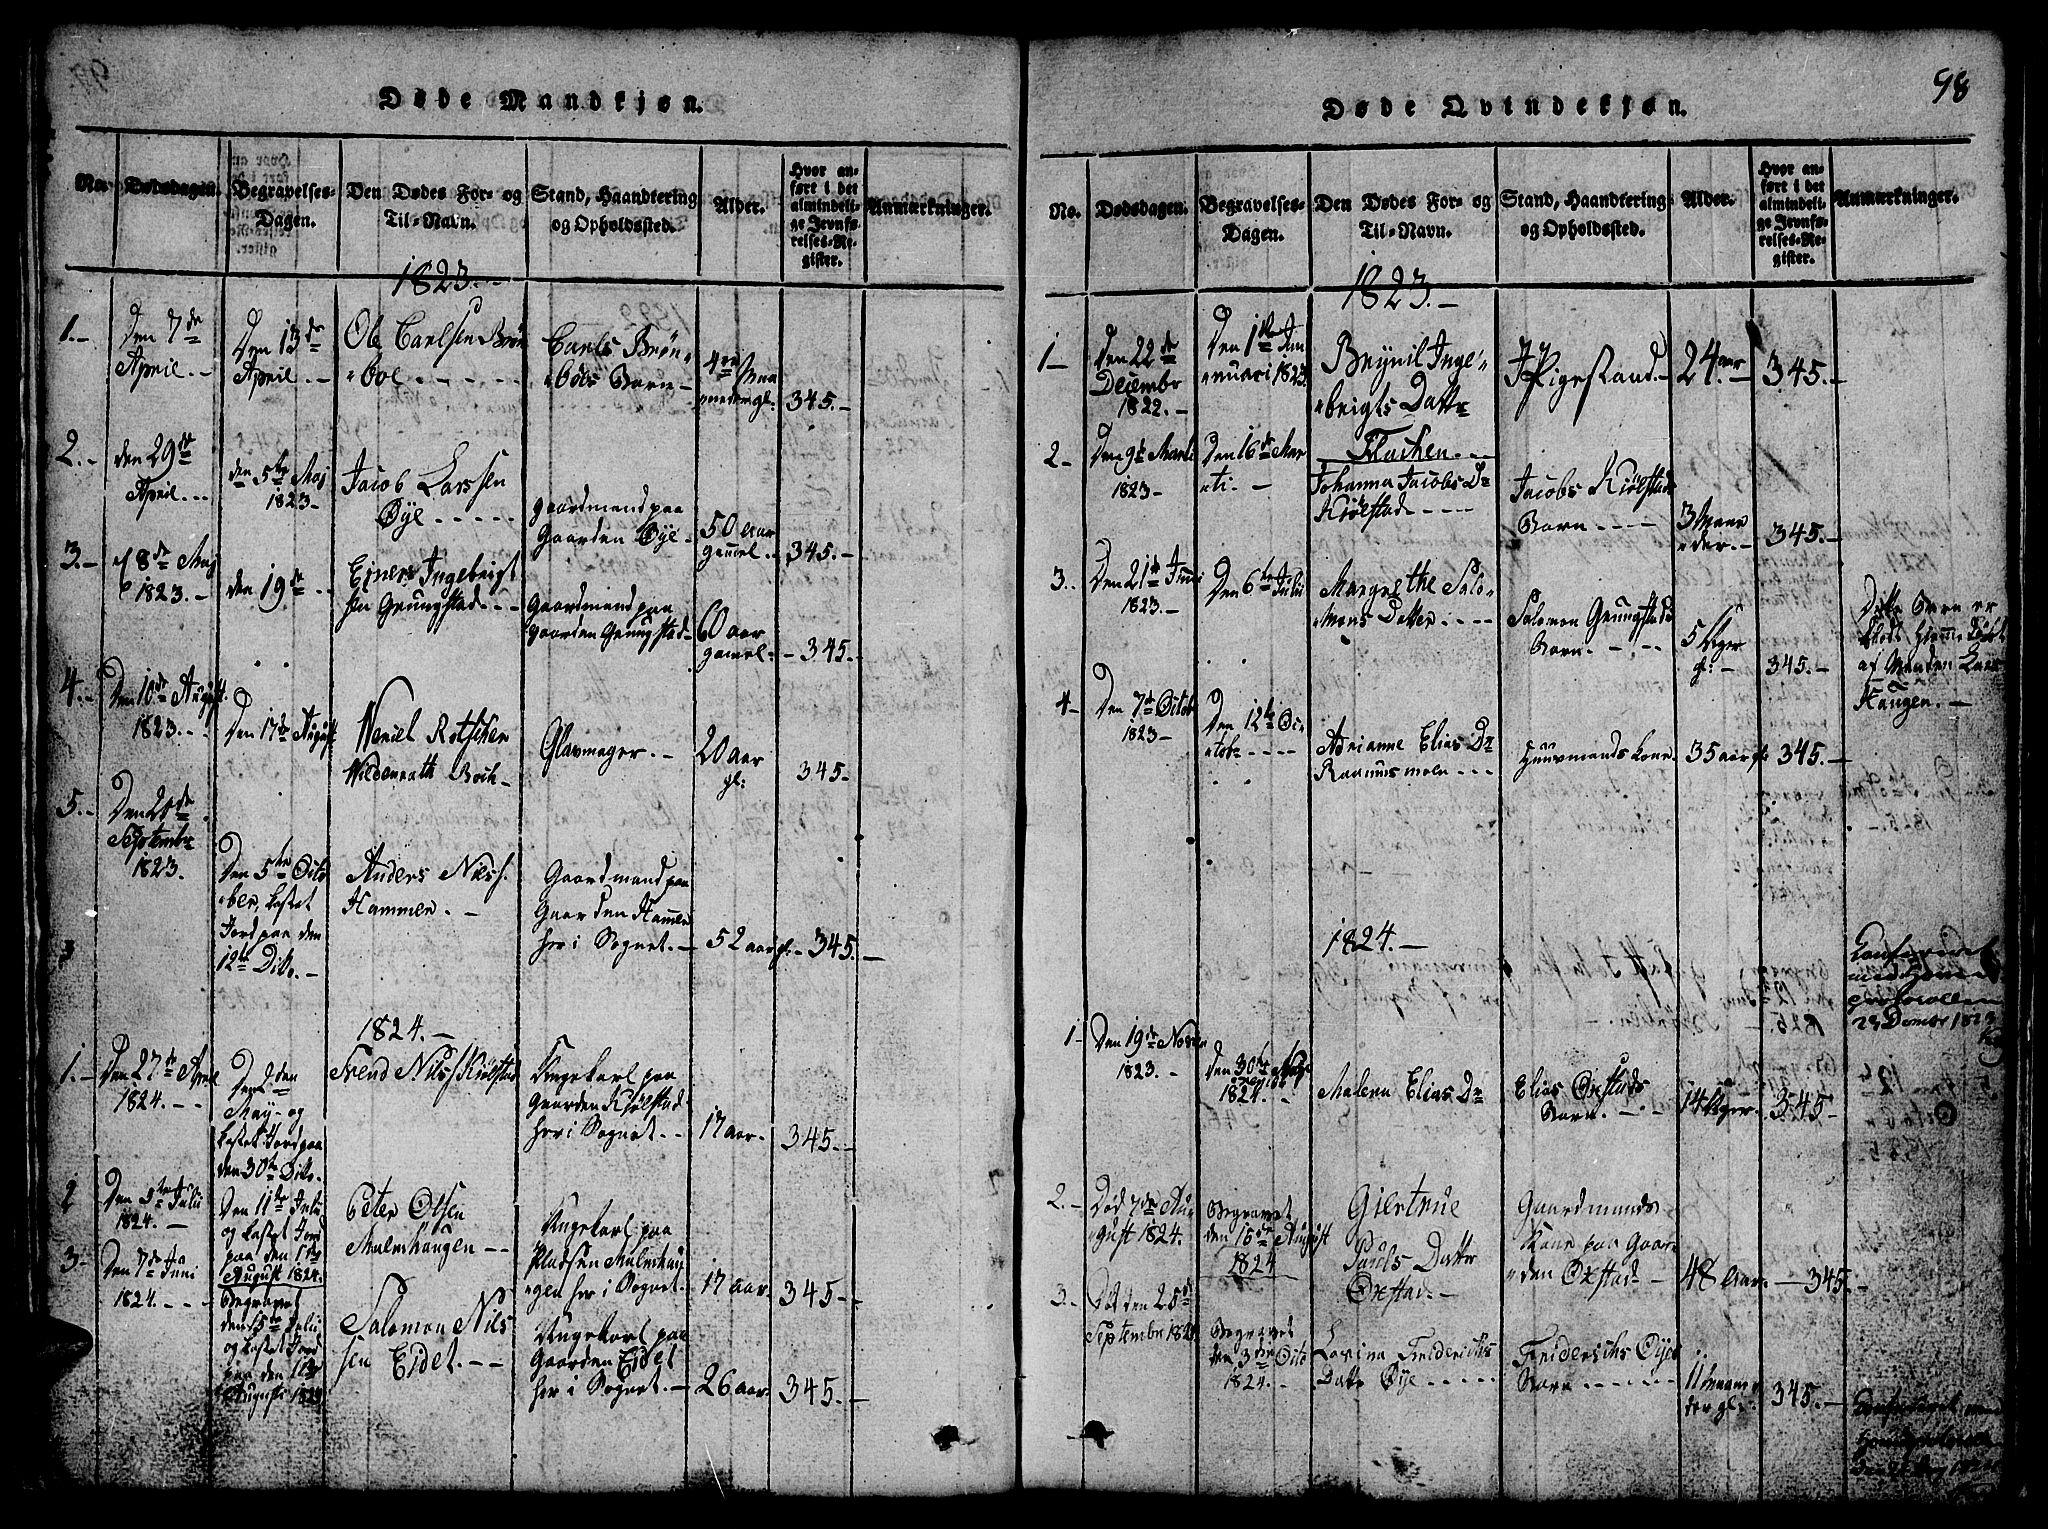 SAT, Ministerialprotokoller, klokkerbøker og fødselsregistre - Nord-Trøndelag, 765/L0562: Klokkerbok nr. 765C01, 1817-1851, s. 98